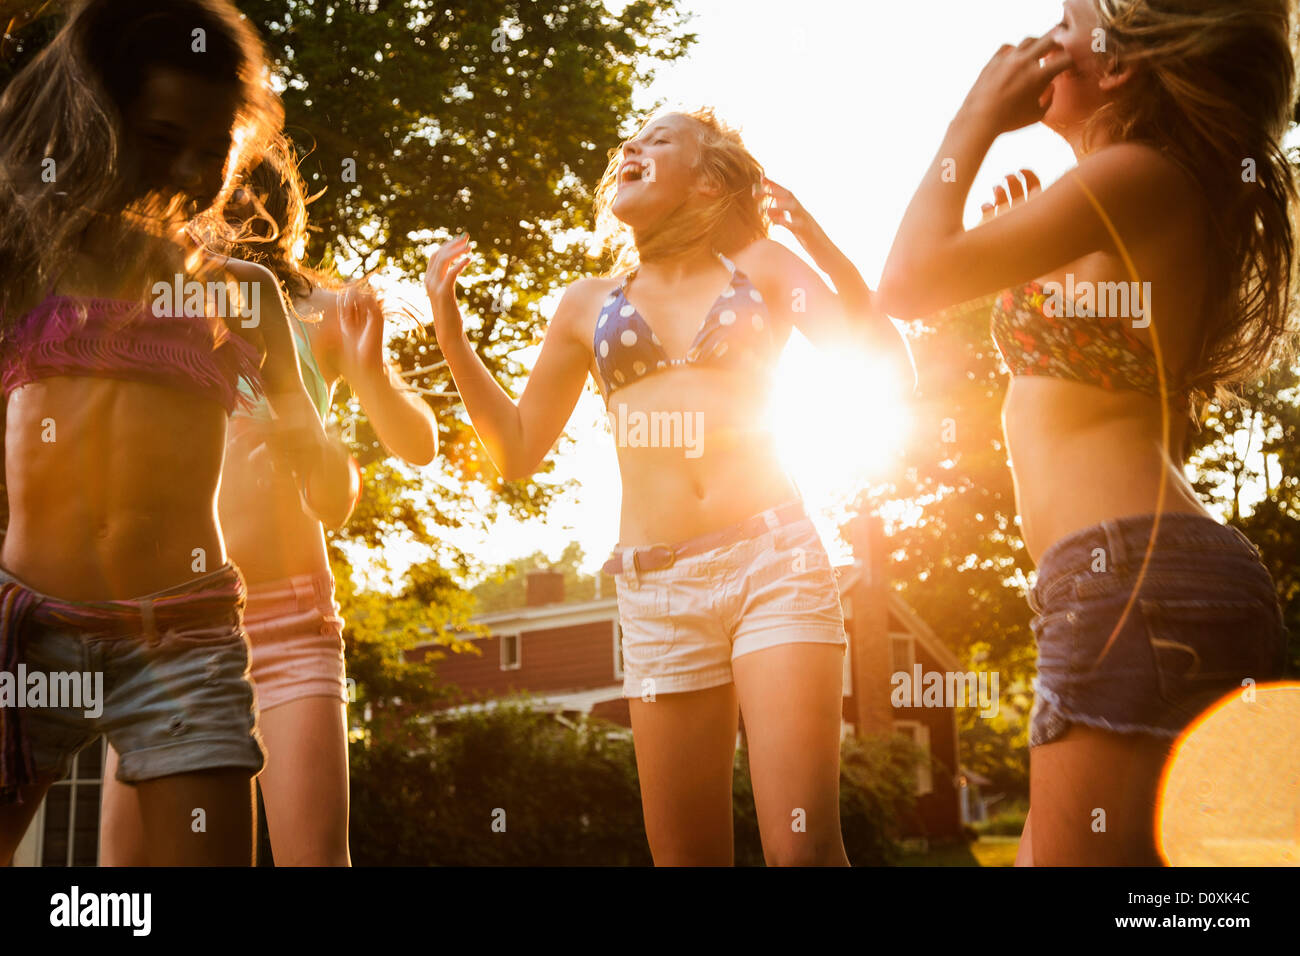 Meninas dançando no jardim Imagens de Stock